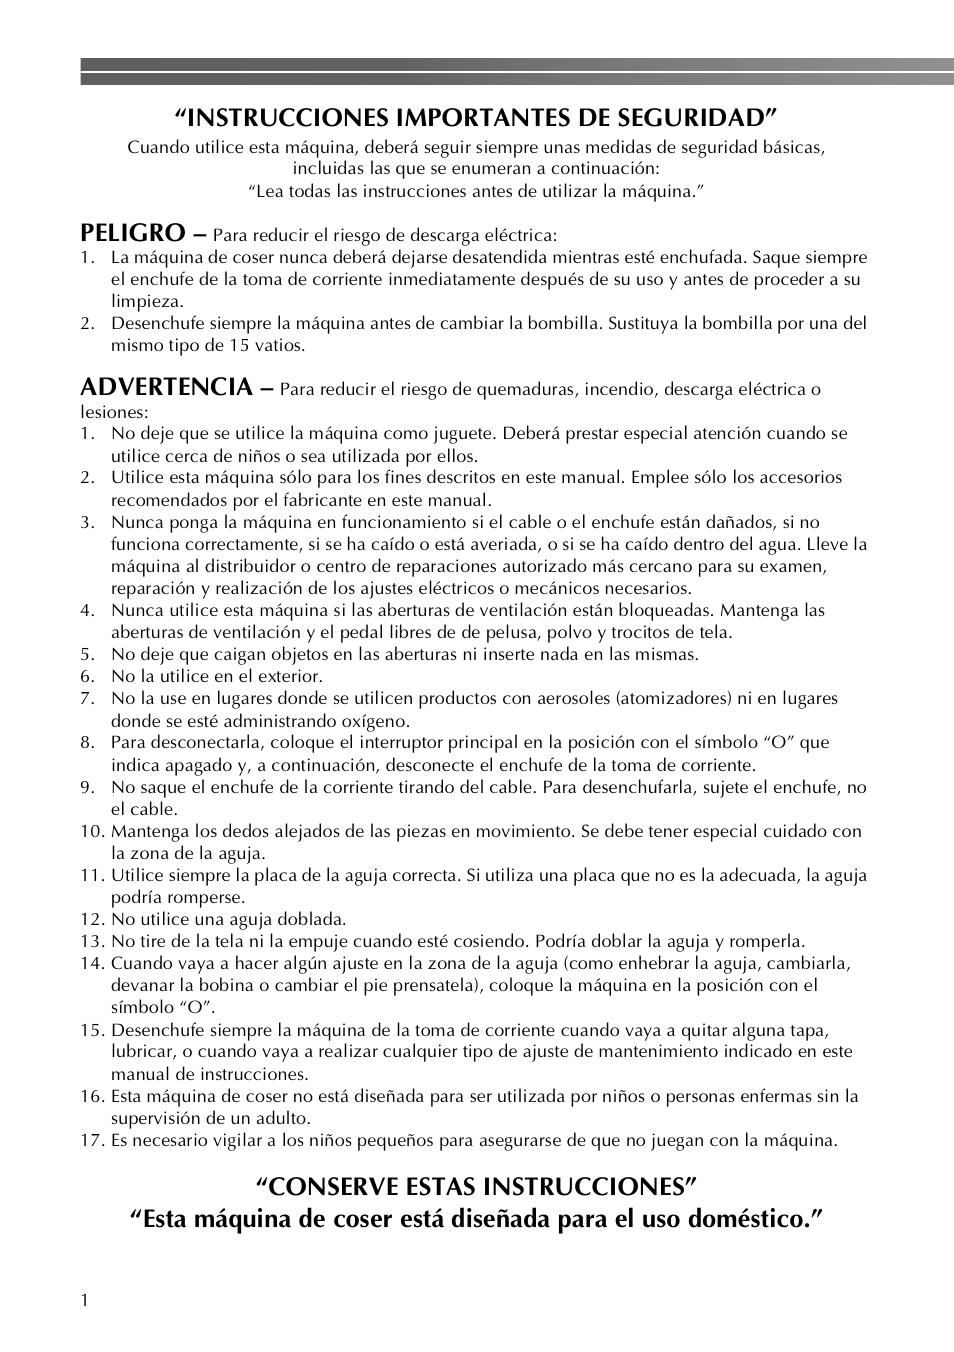 Instrucciones Importantes De Seguridad  Peligro